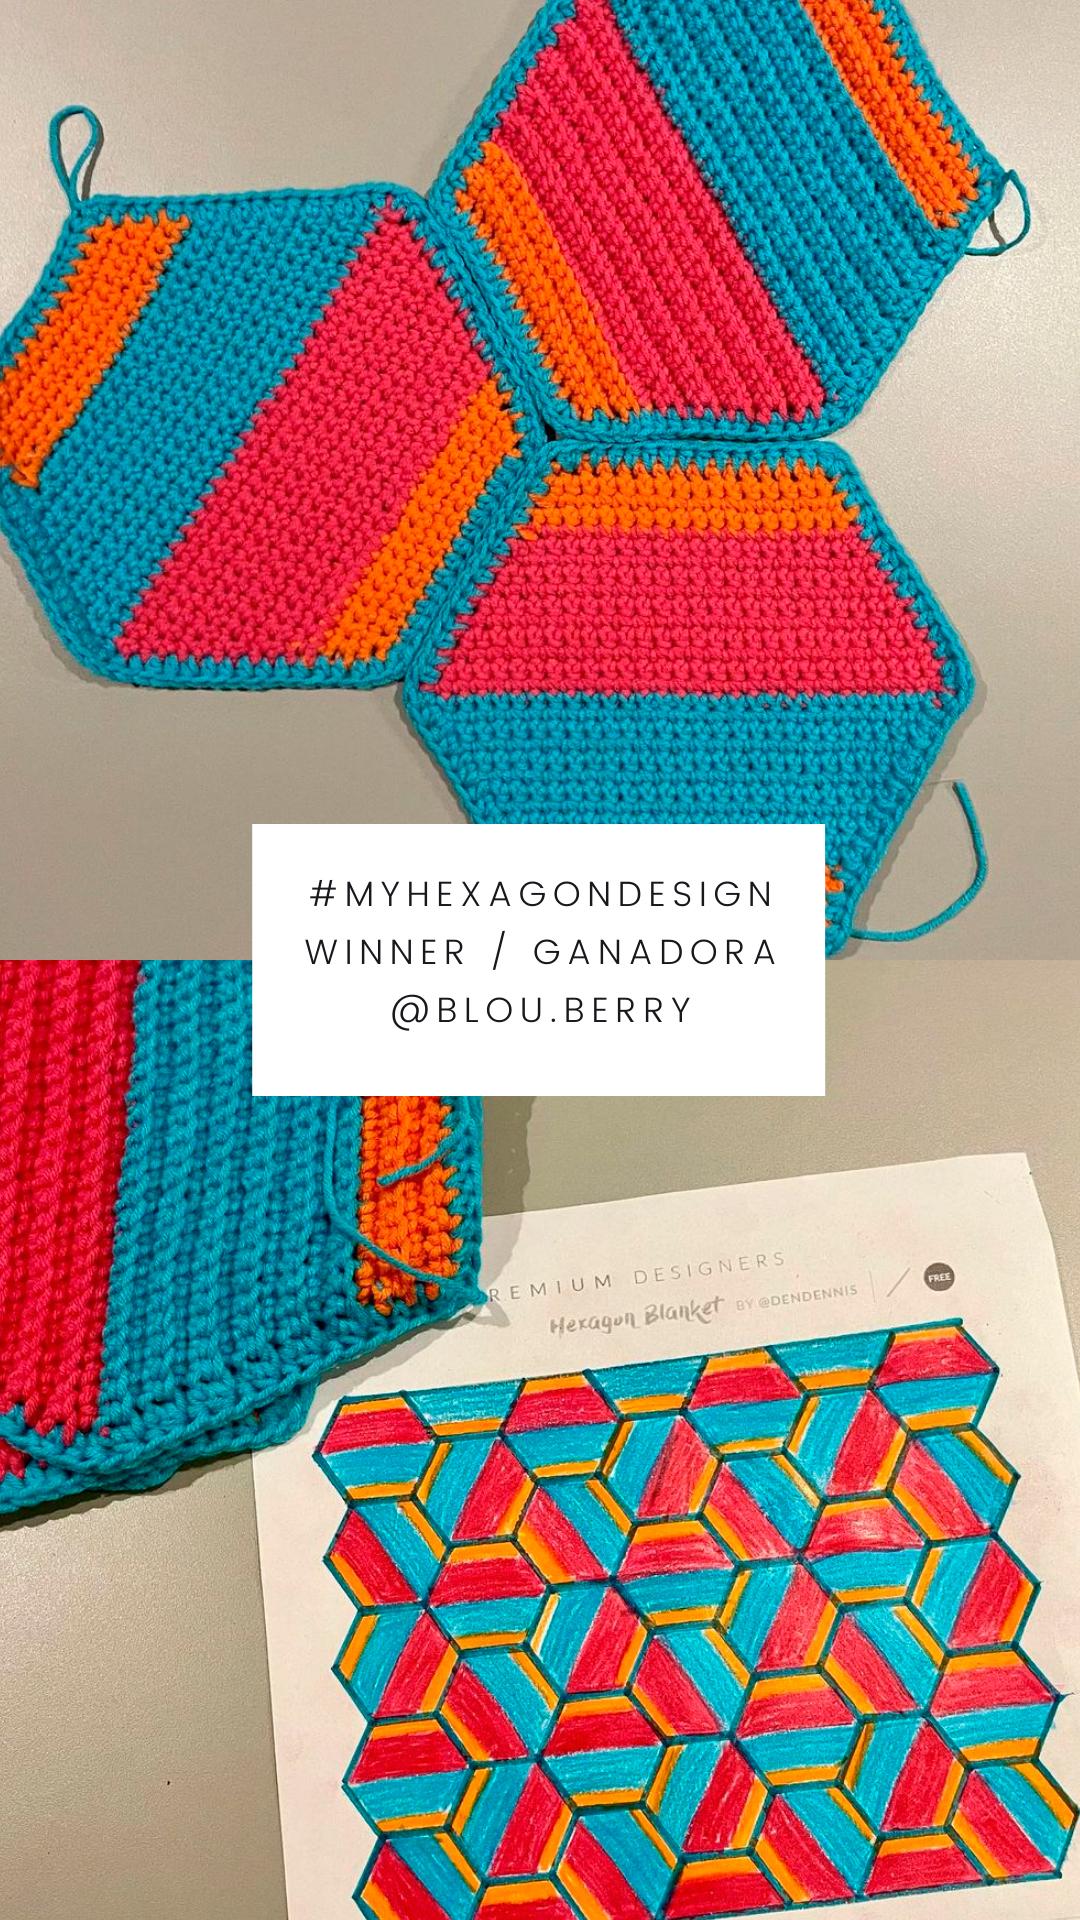 Hexagon-Blanket-dendennis-Wettbewerb-Häkeldecke-Gewinnerin-blou.berry